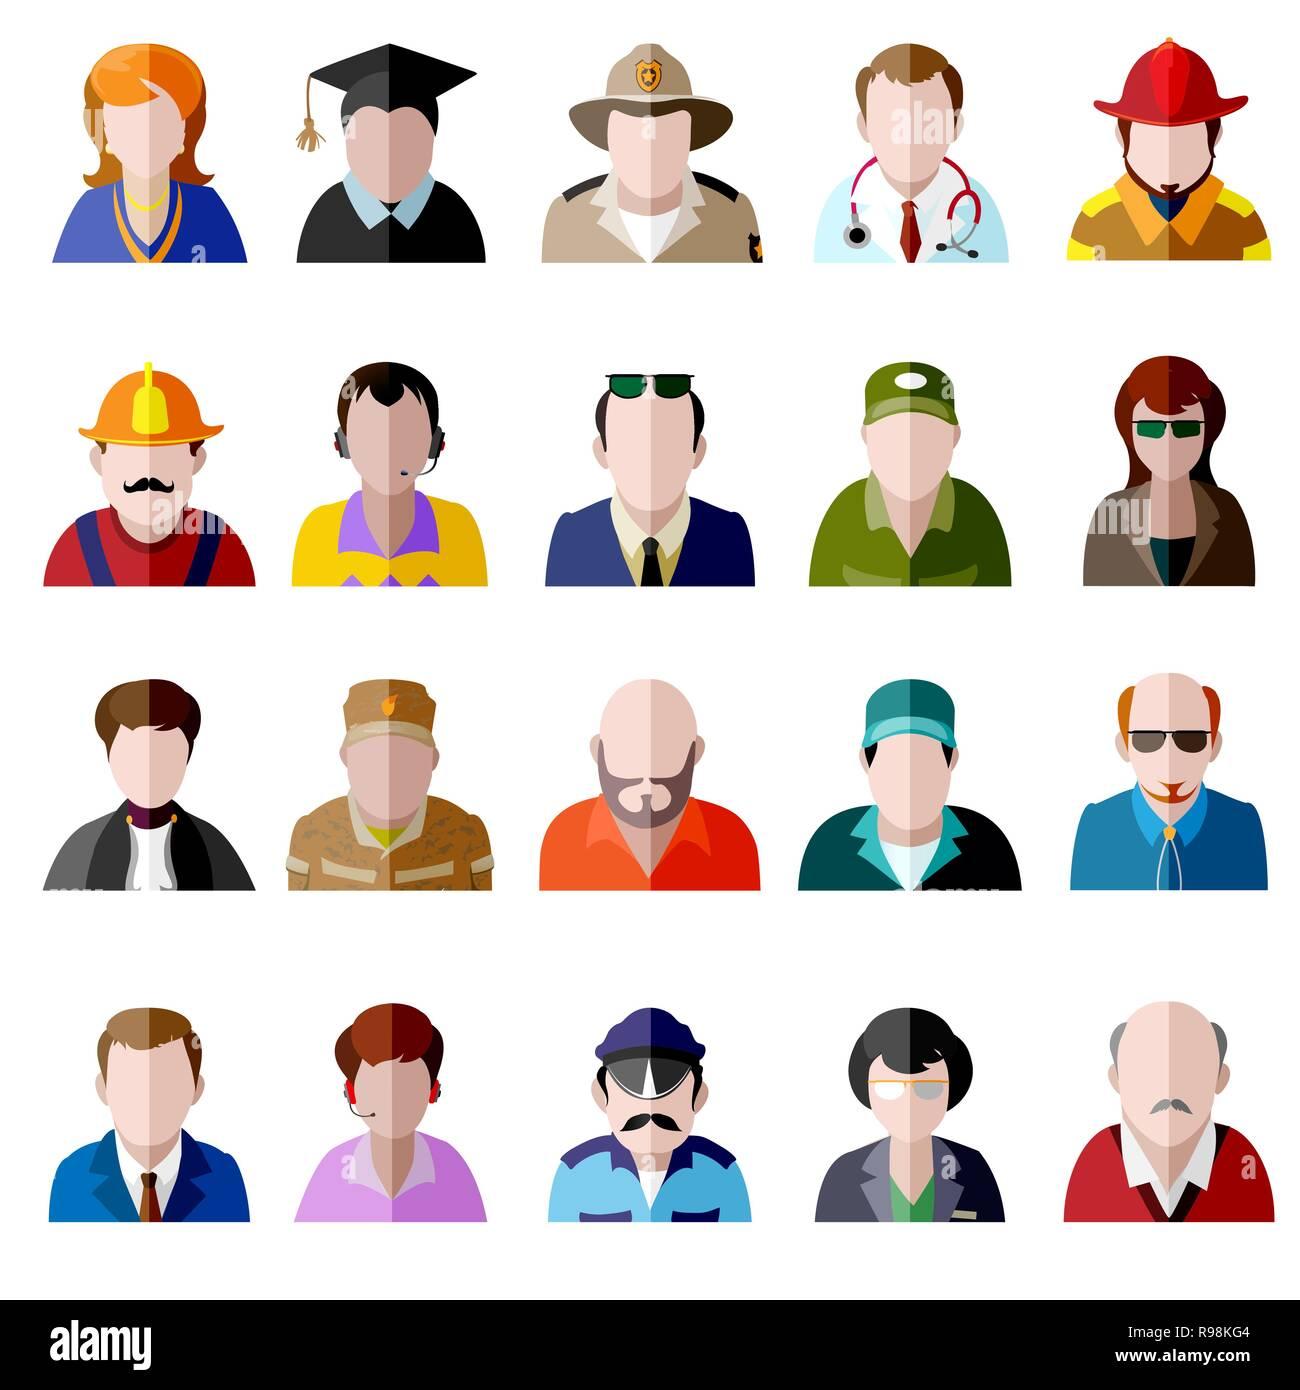 Vecteur de couleur télévision icon set. Différentes personnes personnage: féminin, masculin, prisonnier, agent de police, fille, grand-mère, grand-père, étudiant, homme d'affaires, Illustration de Vecteur